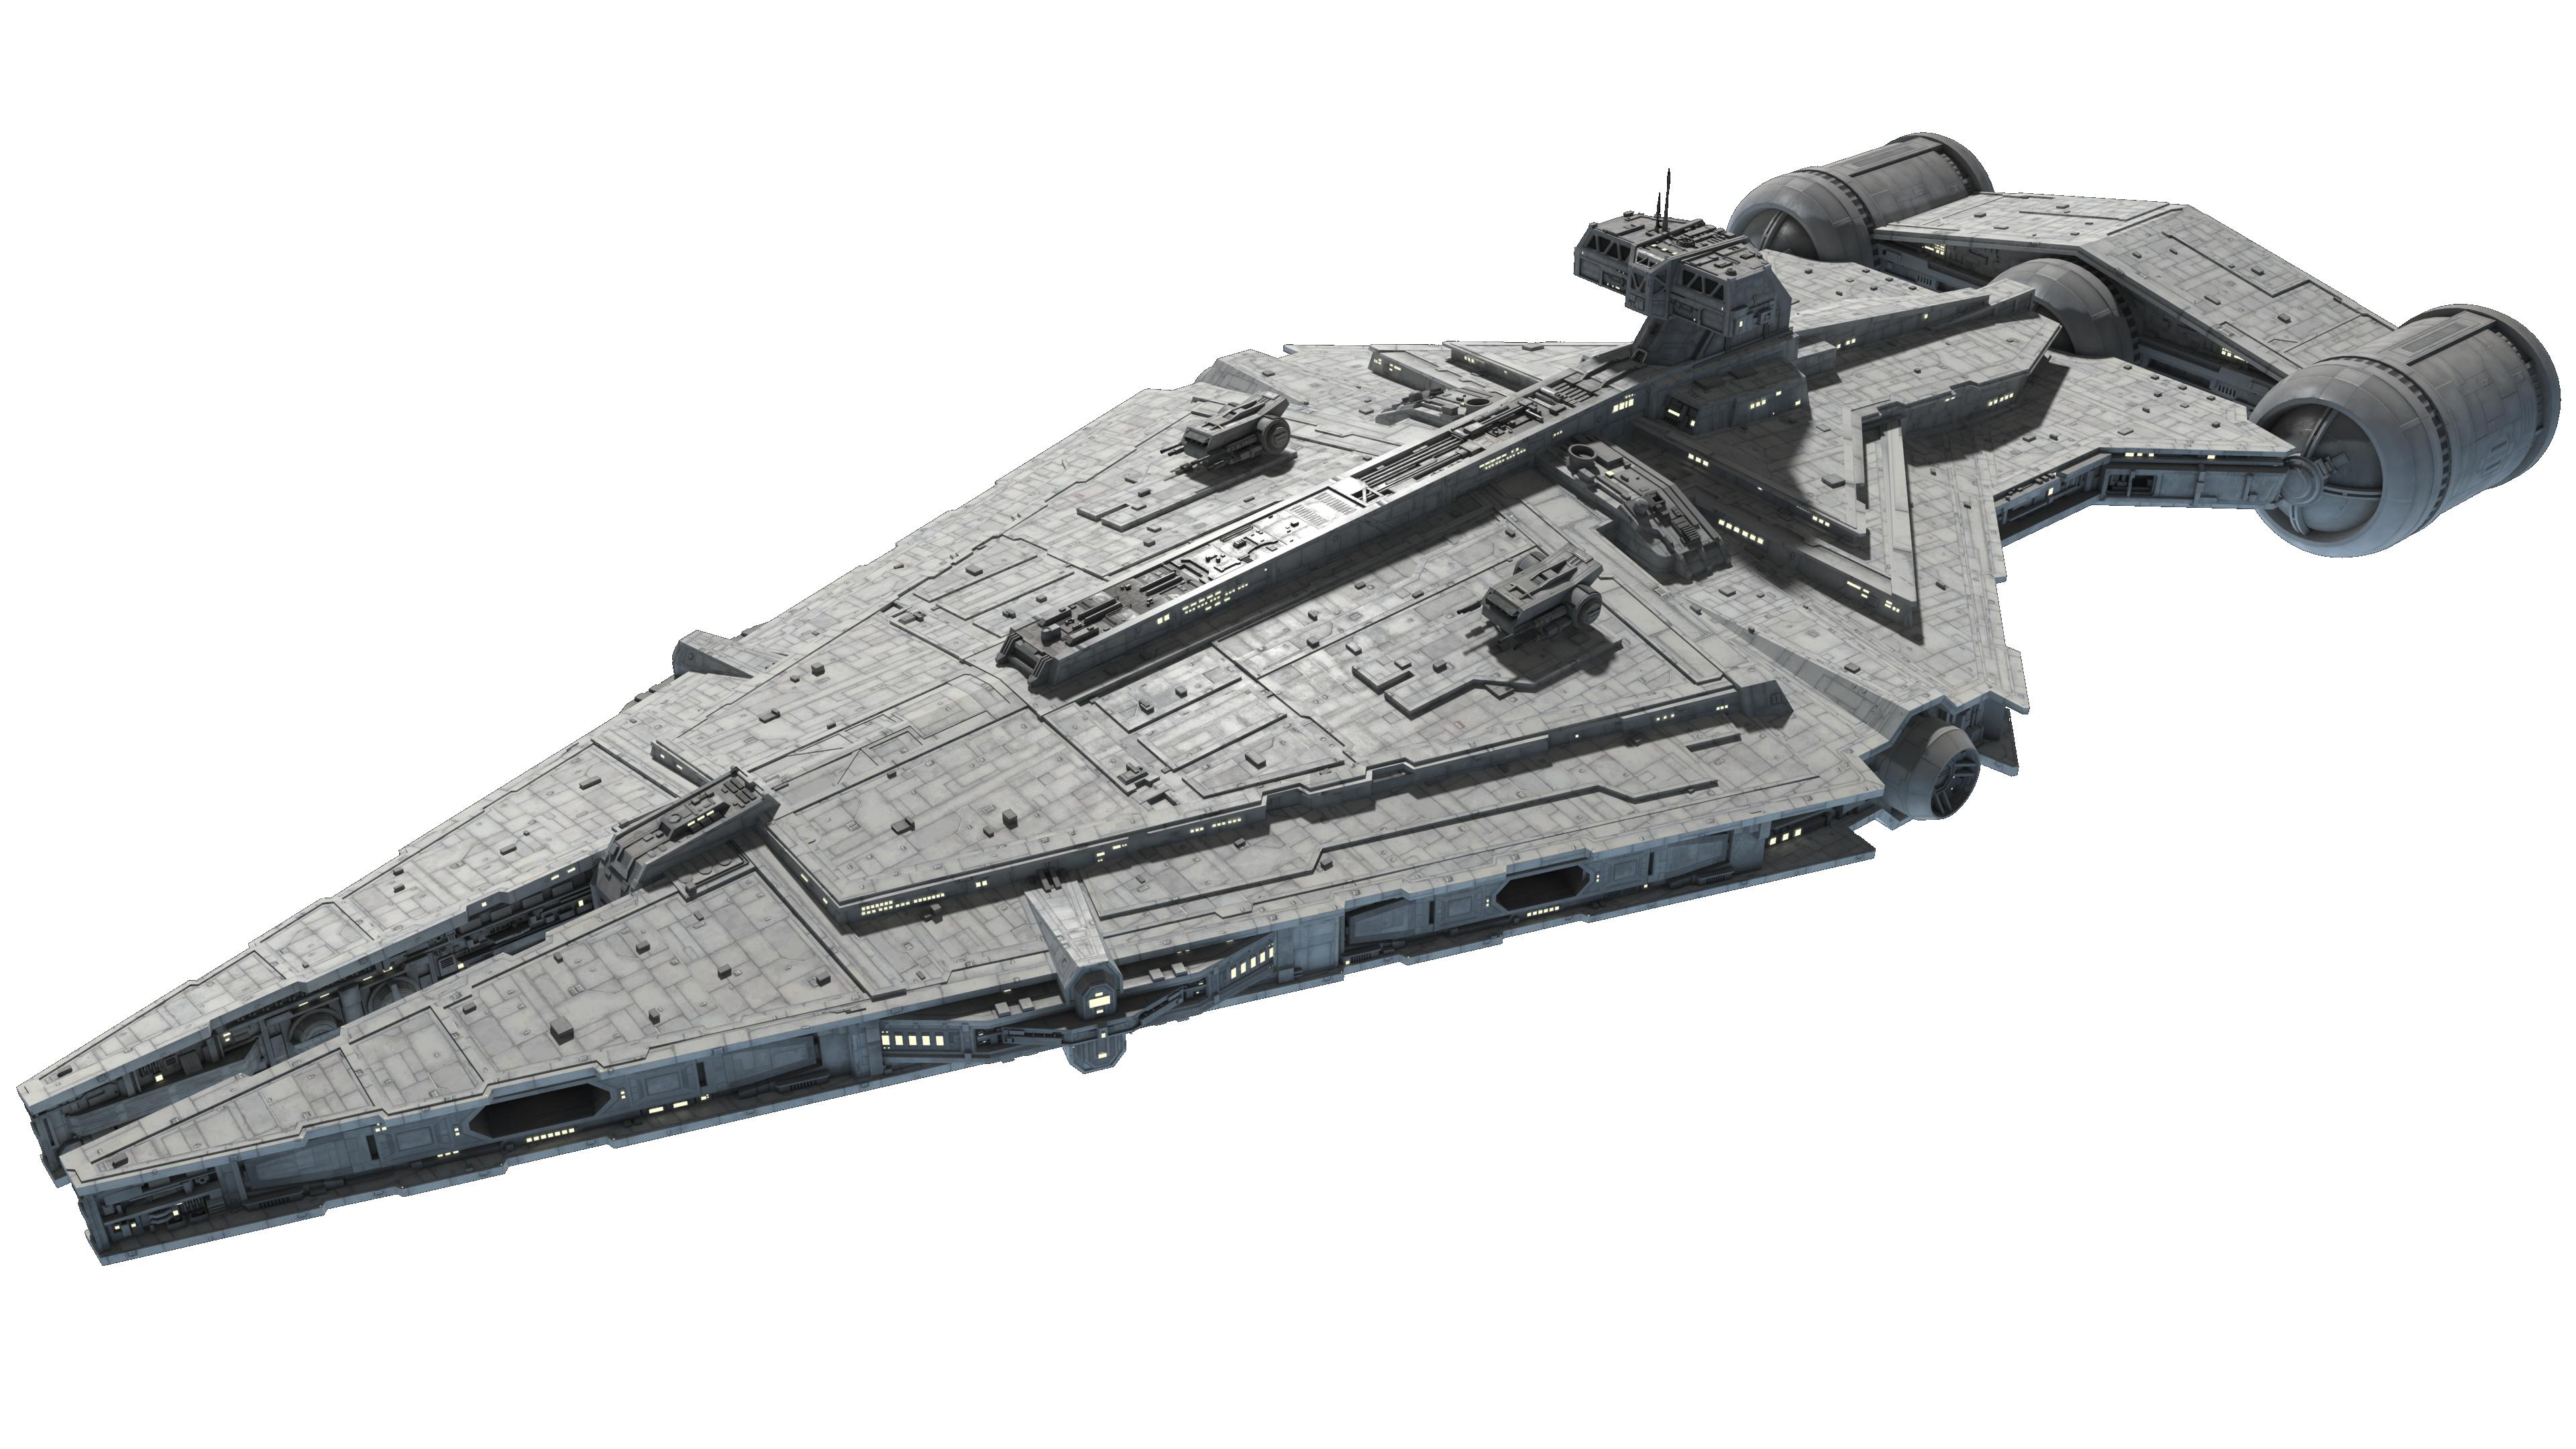 Croiseur de commandement de classe Arquitens